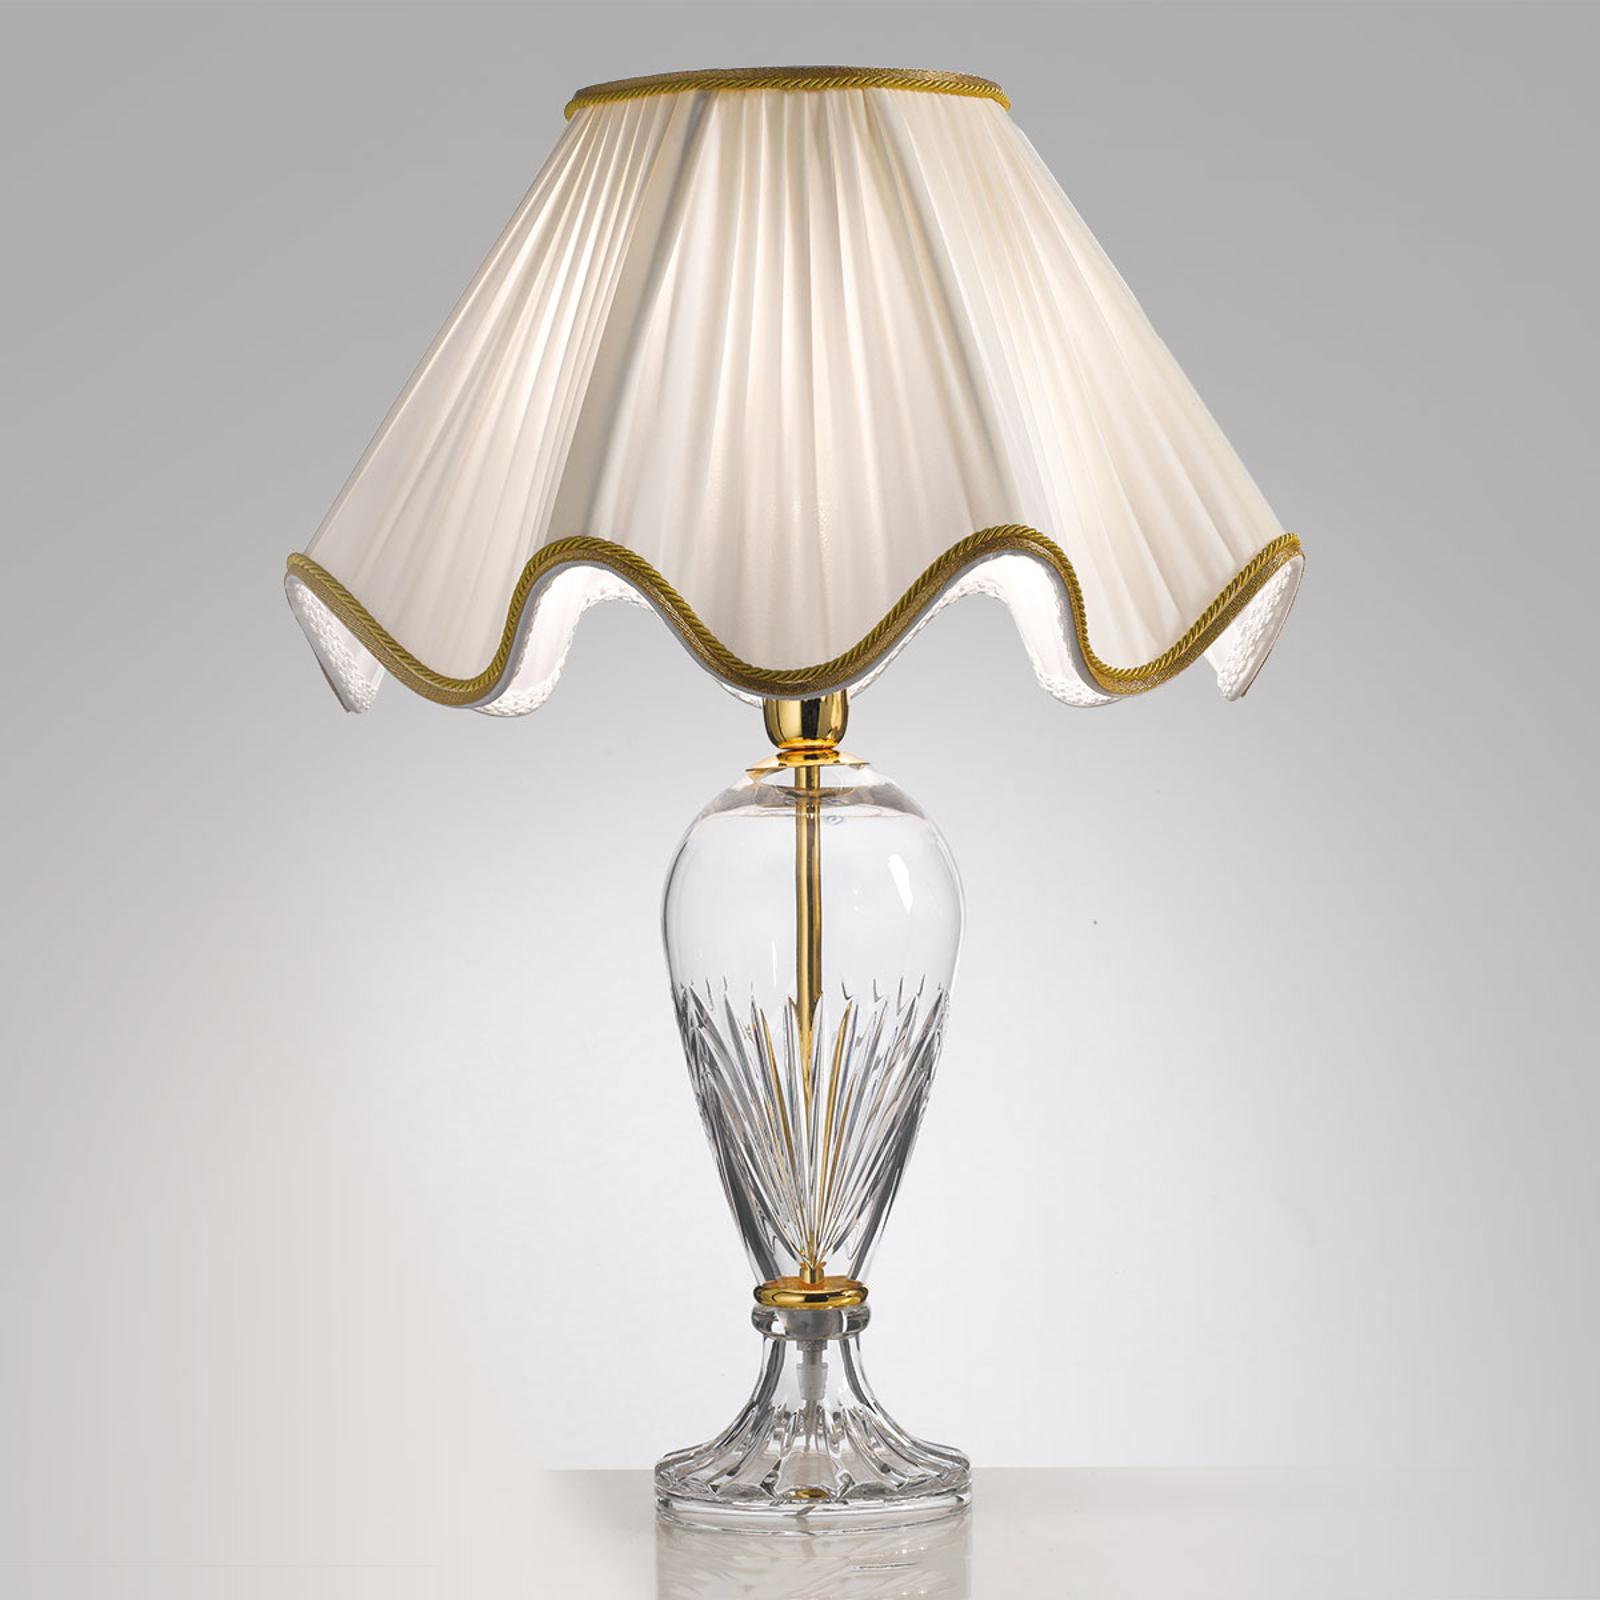 Lampe à poser merveilleuse Belle Époque 67 cm